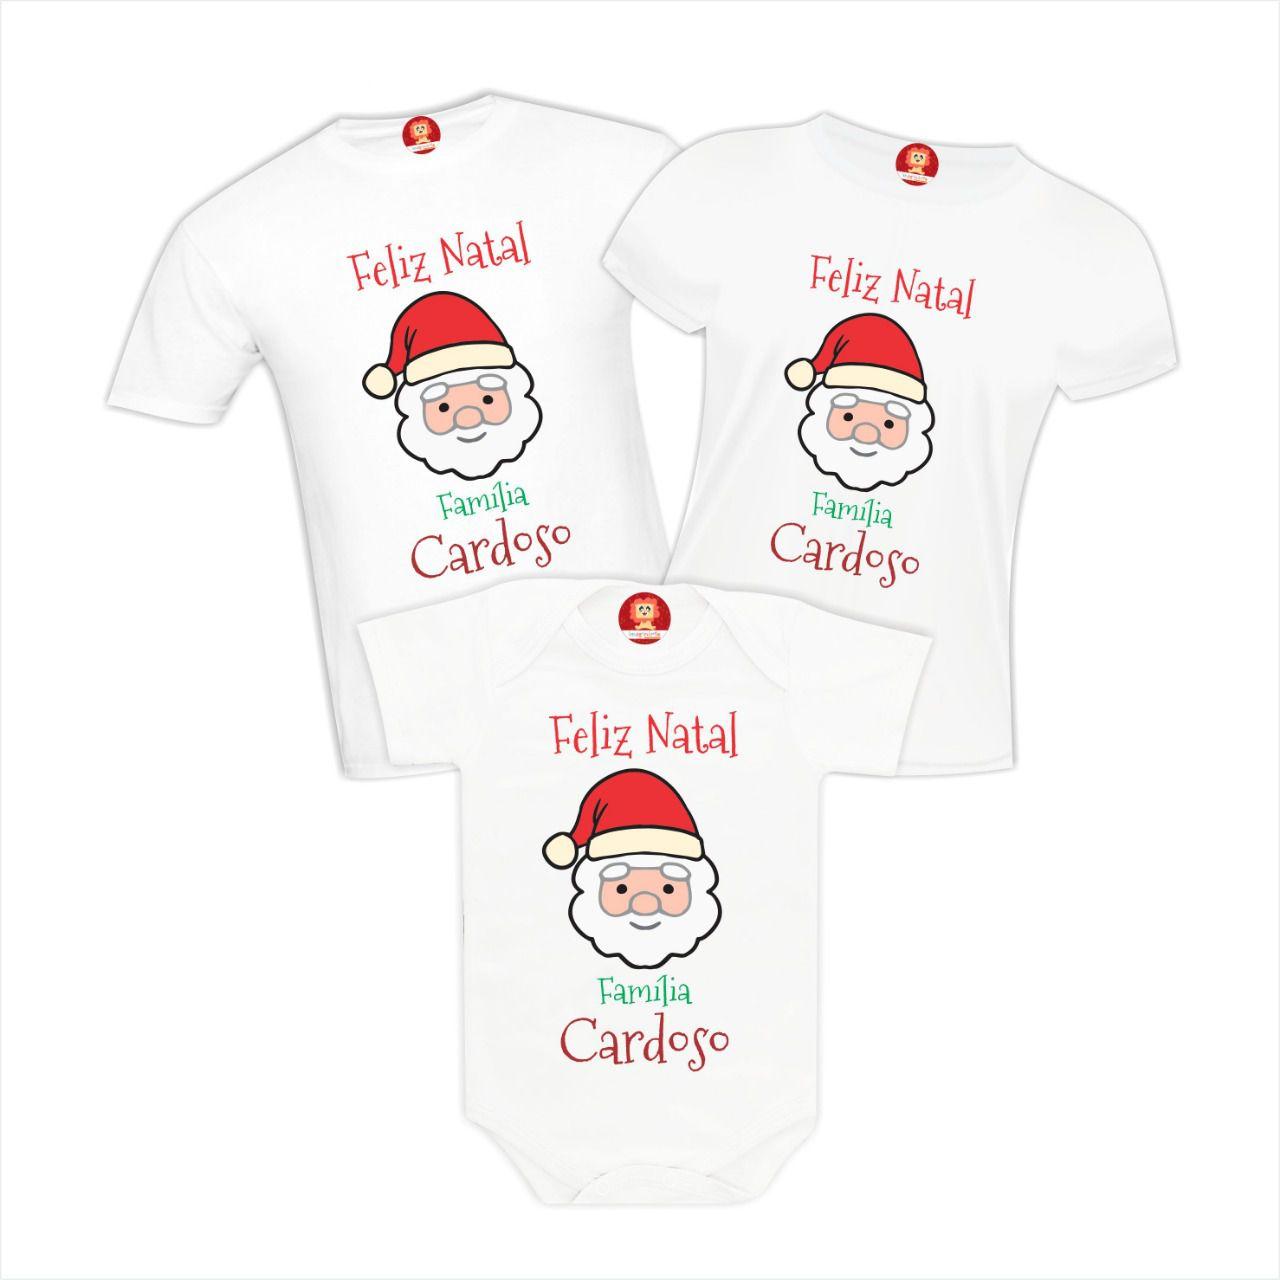 Kit Natal em Família Personalizado com Sobrenome